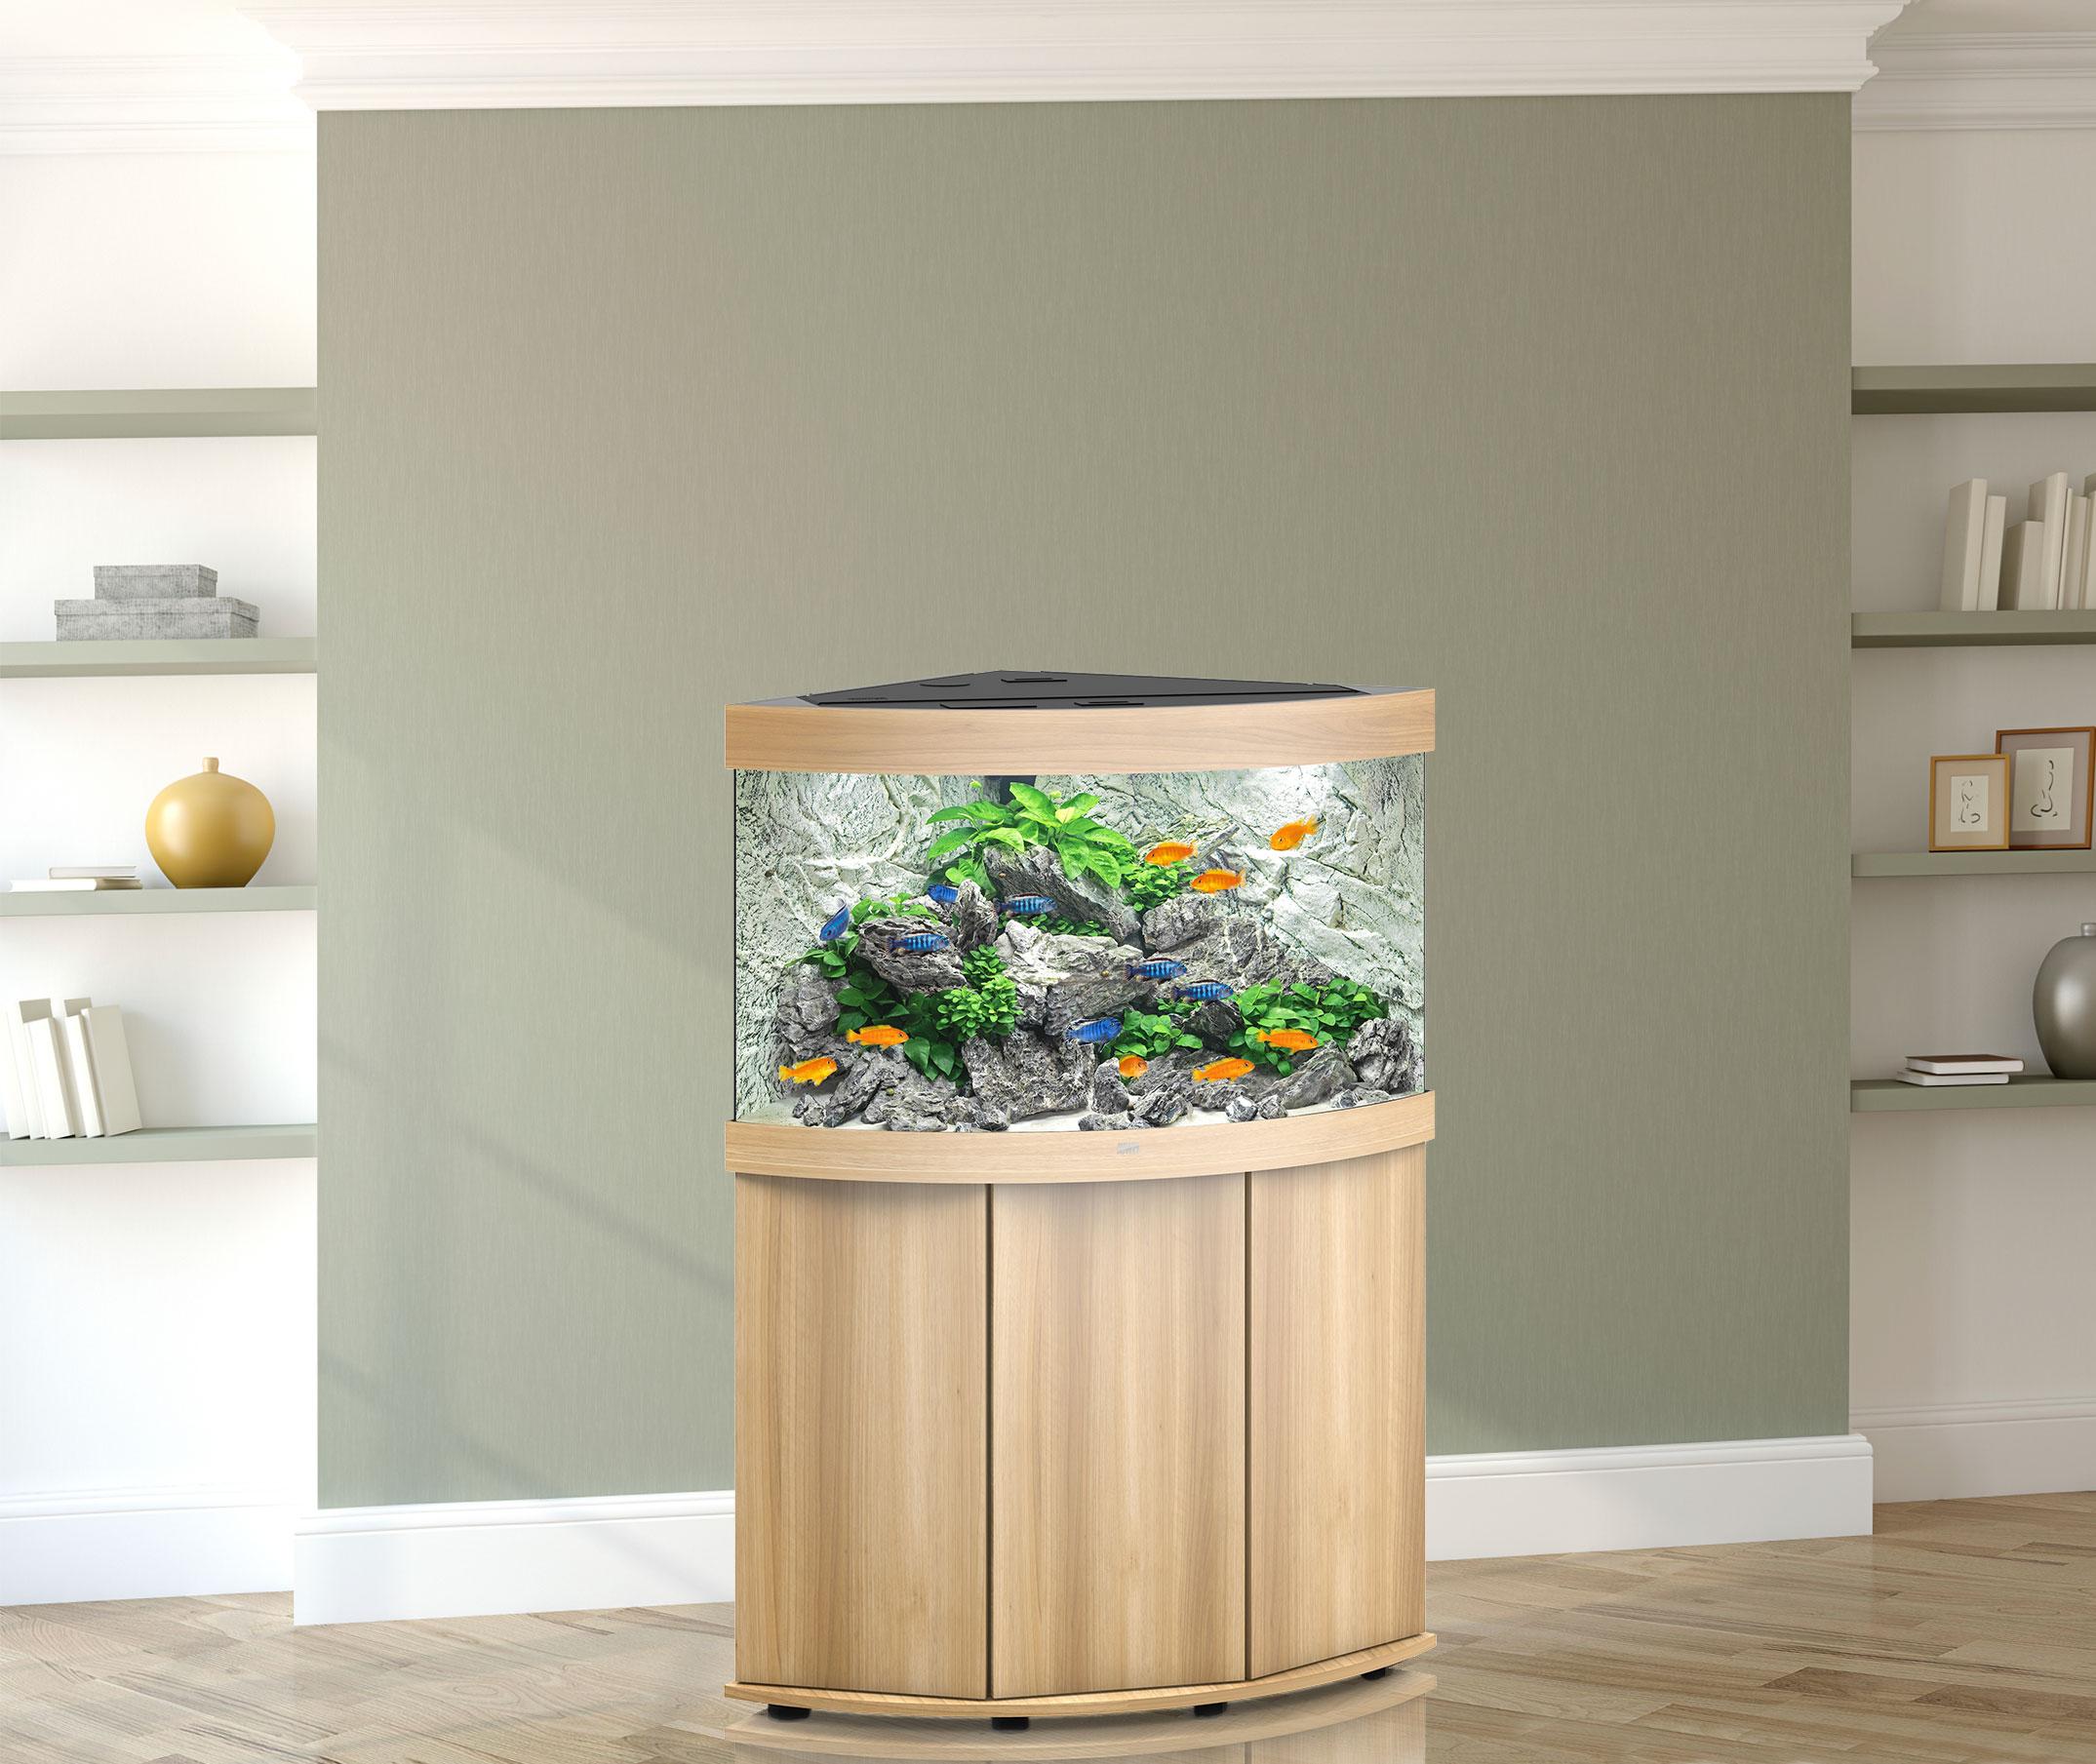 Juwel Trigon 190 Aquarium mit Schrank - Einrichtungsbeispiel